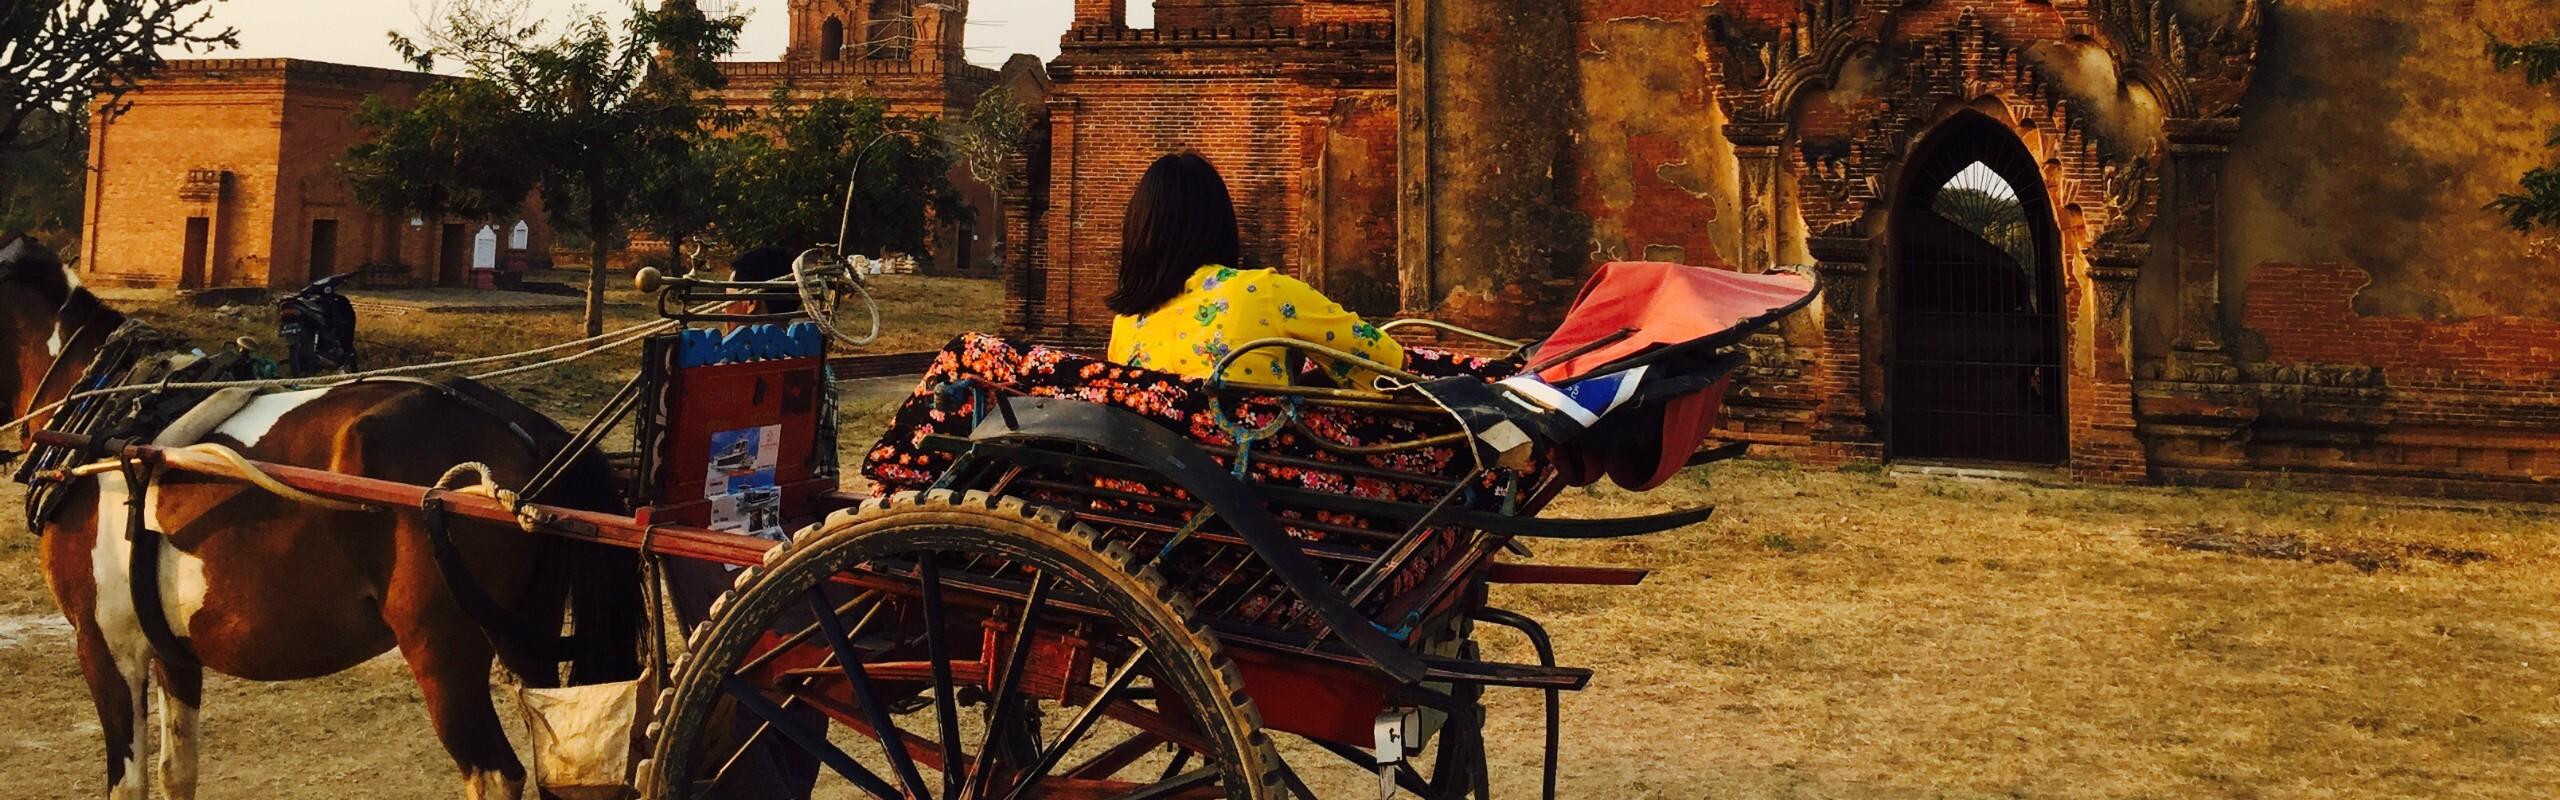 Best Way to Get Around Bagan